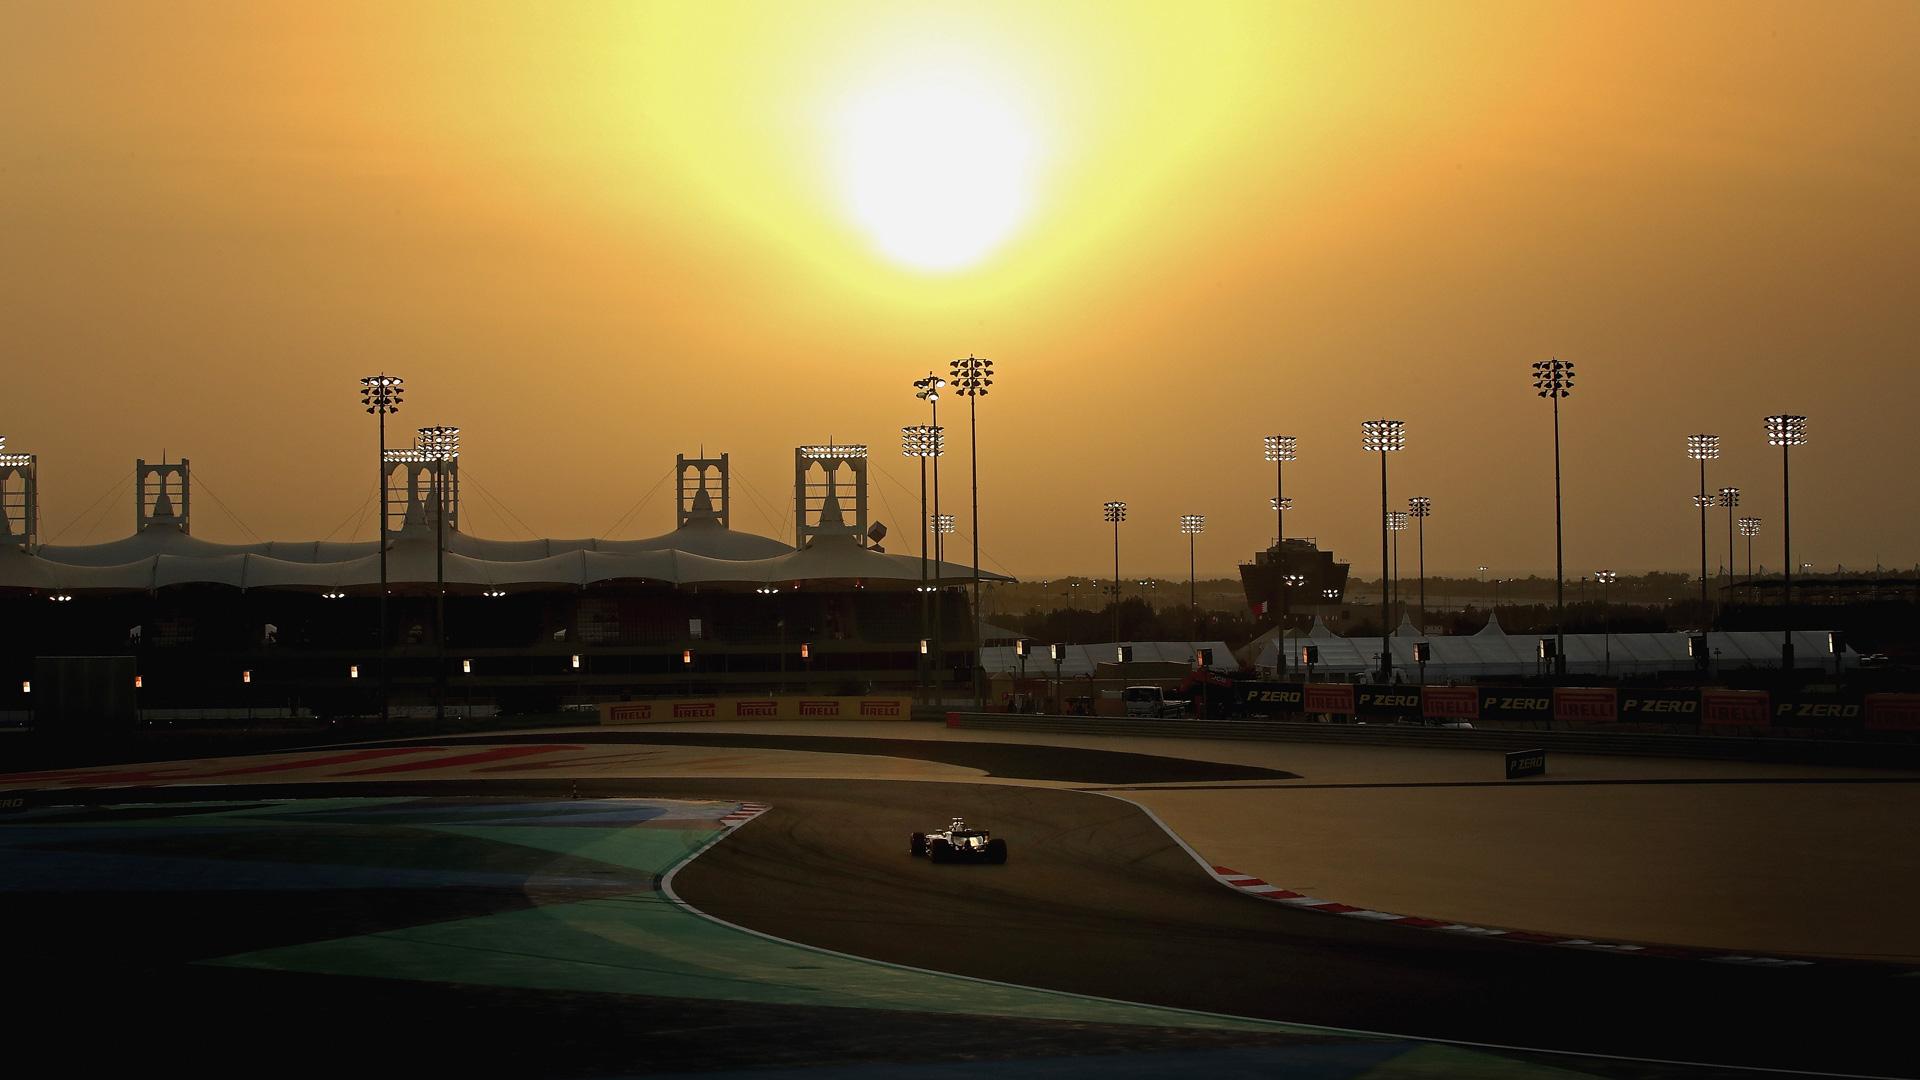 Как наГран-при Бахрейна тревожные симптомы превратились вдиагноз для Mercedes. Фото 15